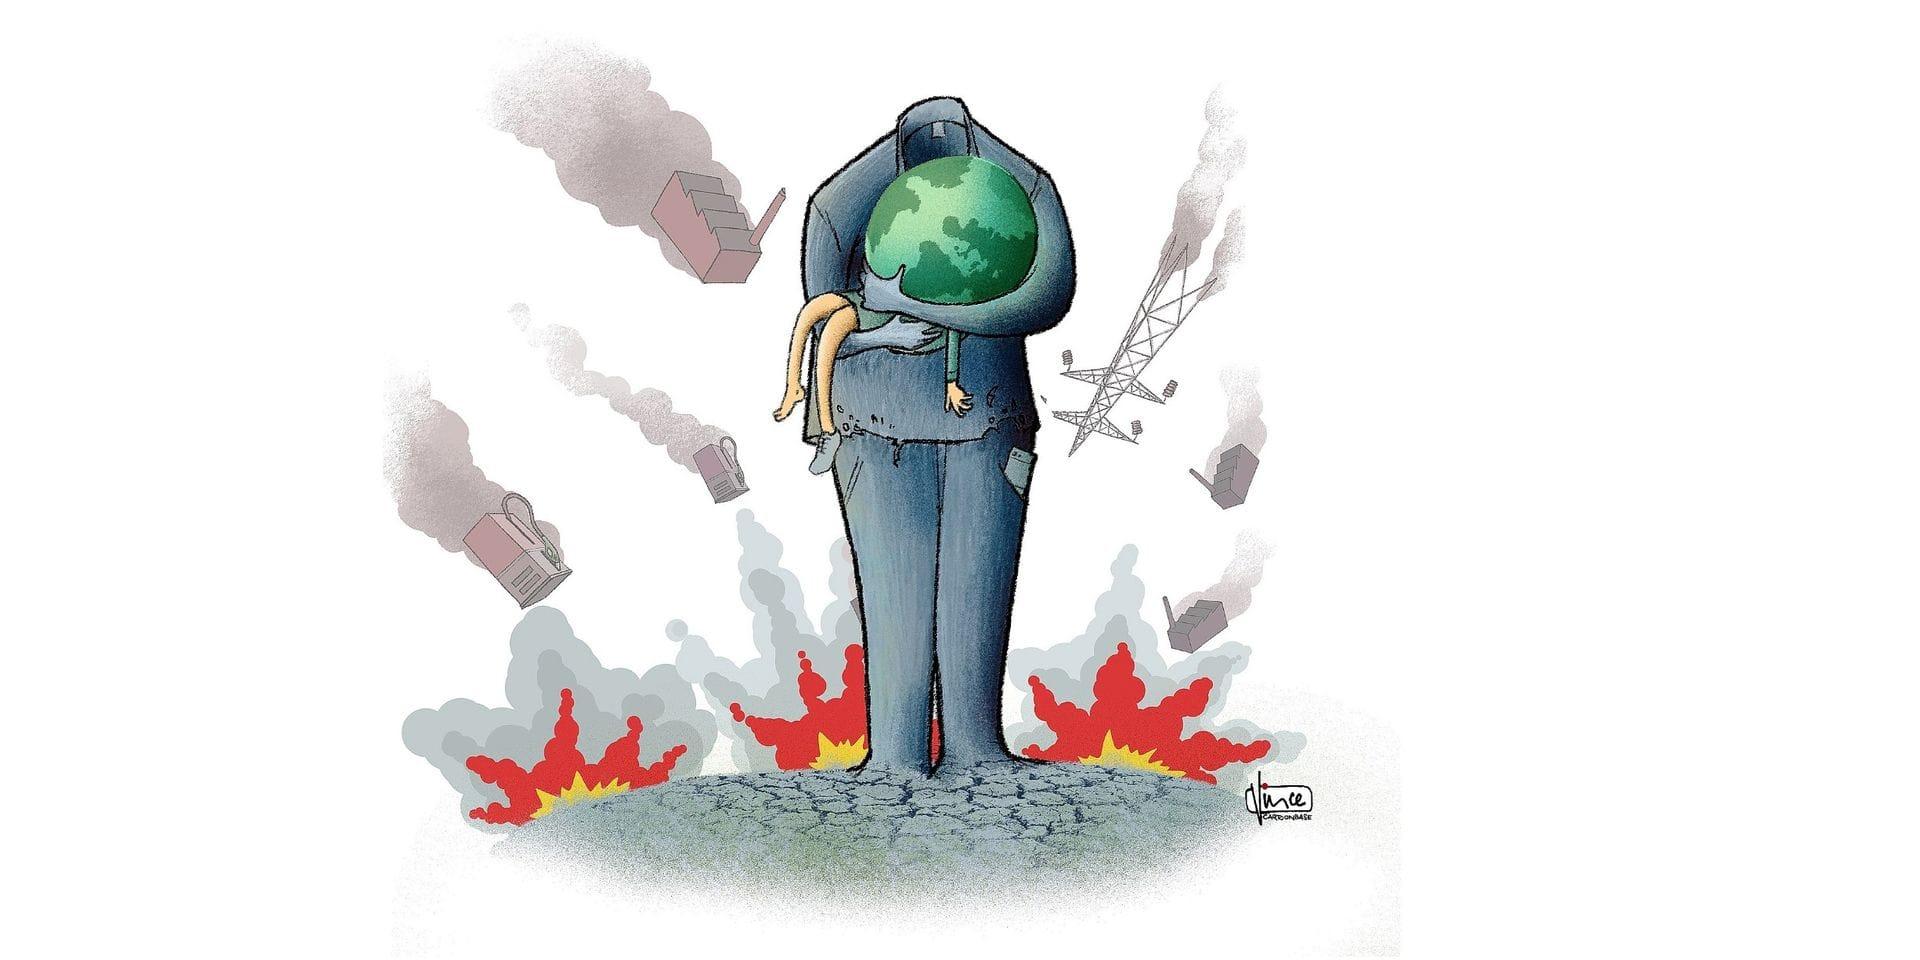 Nous devons éviter la guerre civile écologique, il en est encore temps